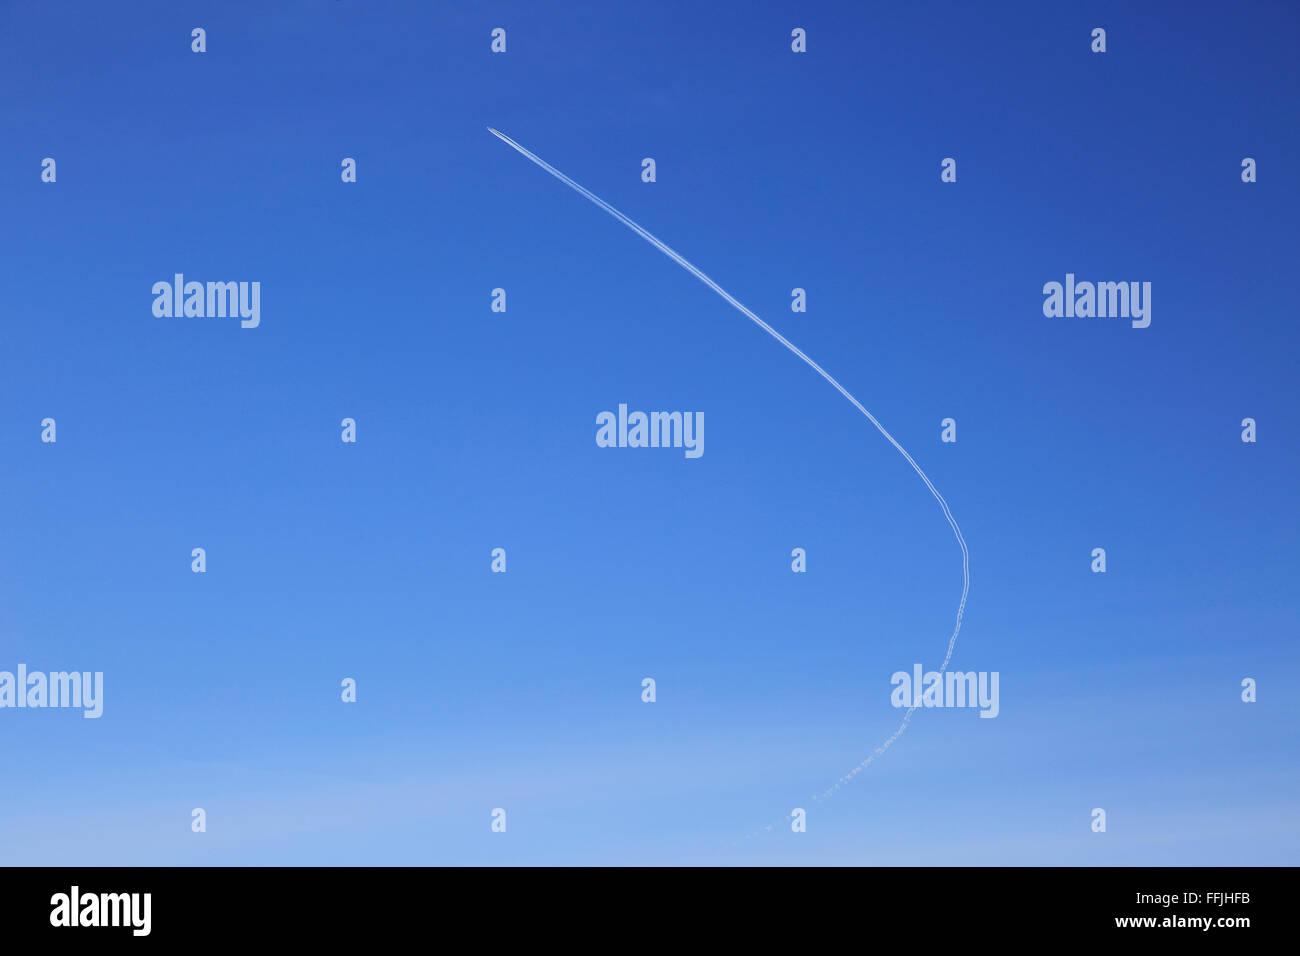 Estelas de condensación de aviones esbozado en el azul claro del cielo a través de Suffolk, Inglaterra, Imagen De Stock